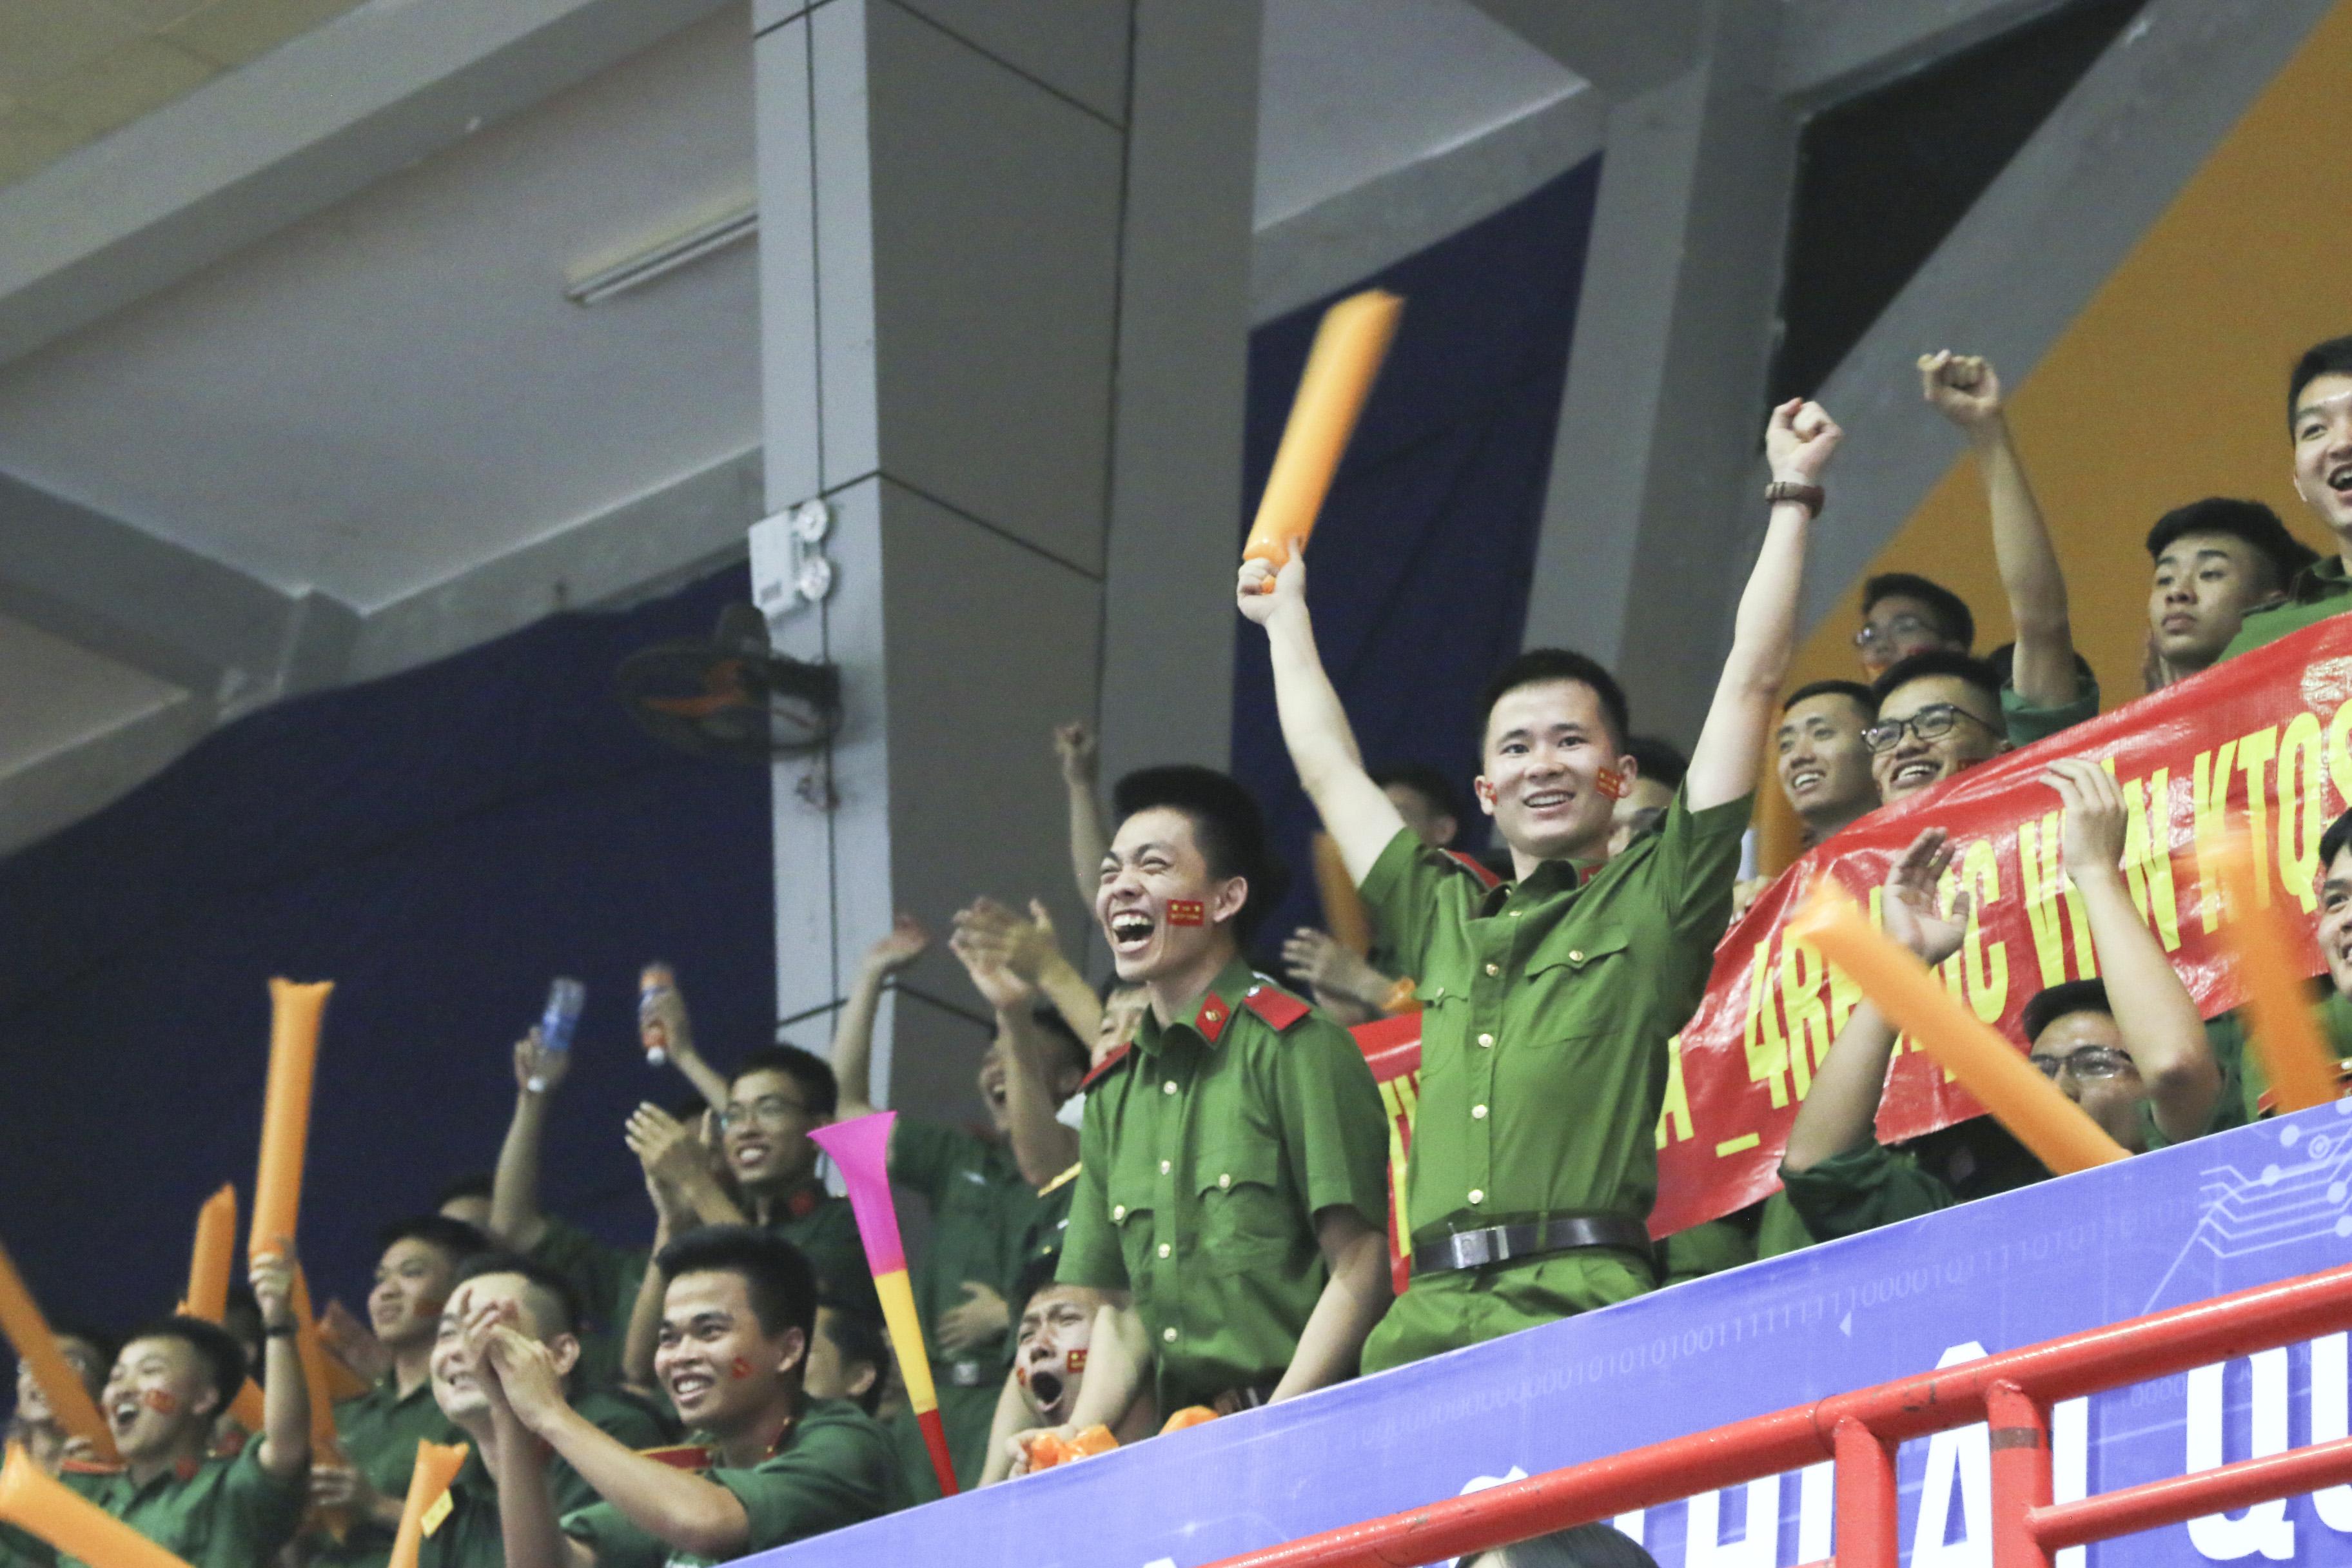 Niềm vui của các cổ động viên MTA_R4F (Học viện Kỹ thuật Quân sự) trên khán đài.Ảnh: Trâm Nguyễn